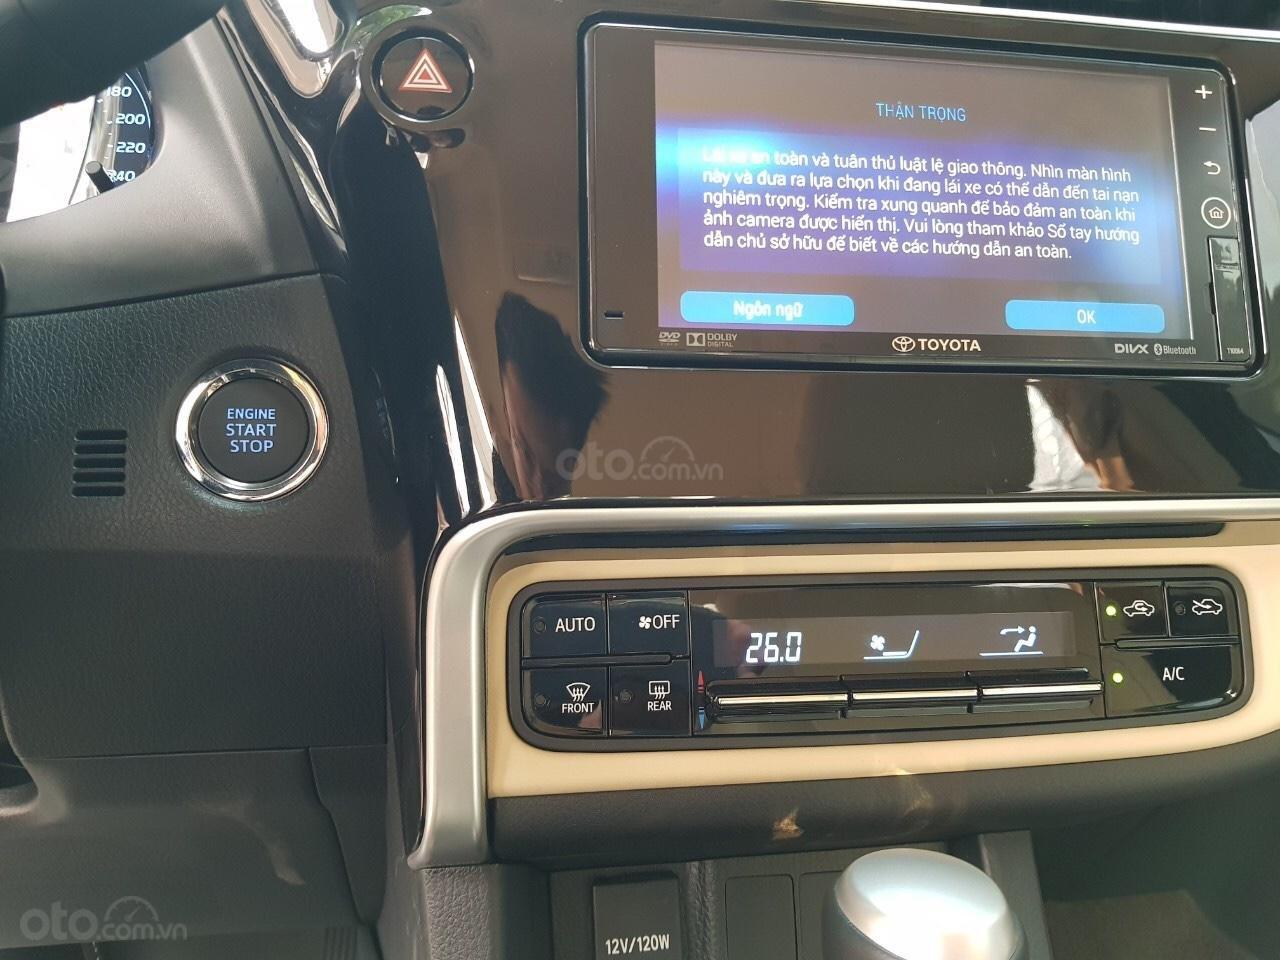 Khuyến mại tốt dành cho Toyota Altis G 2019, hỗ trợ trả góp lên đến 90% giá trị xe. Hotline 0971 123 125-5